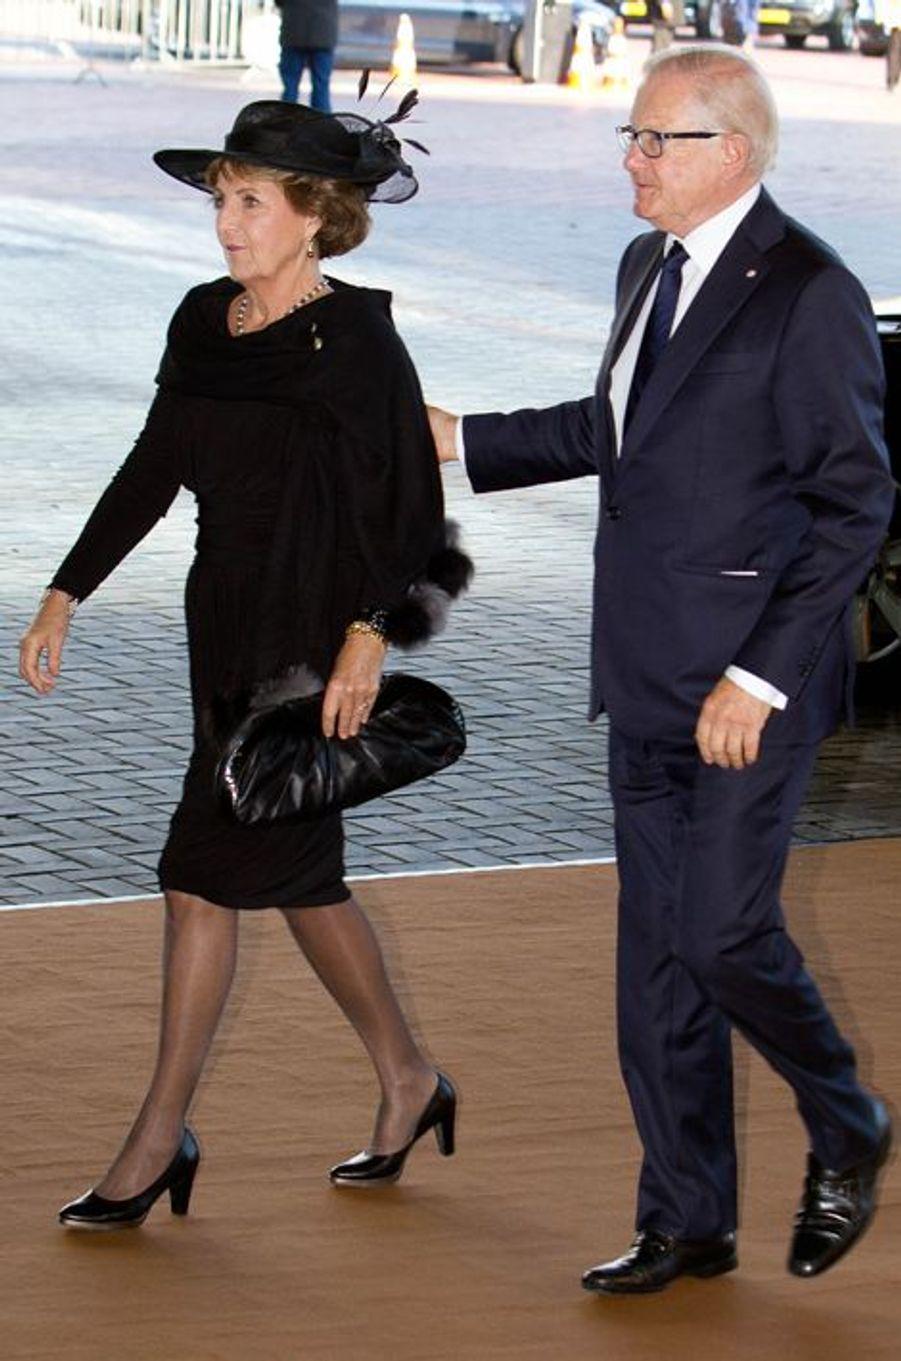 La princesse Margriet des Pays-Bas et son mari à la commémoration de la catastrophe du vol MH17 à Amsterdam, le 10 novembre 2014